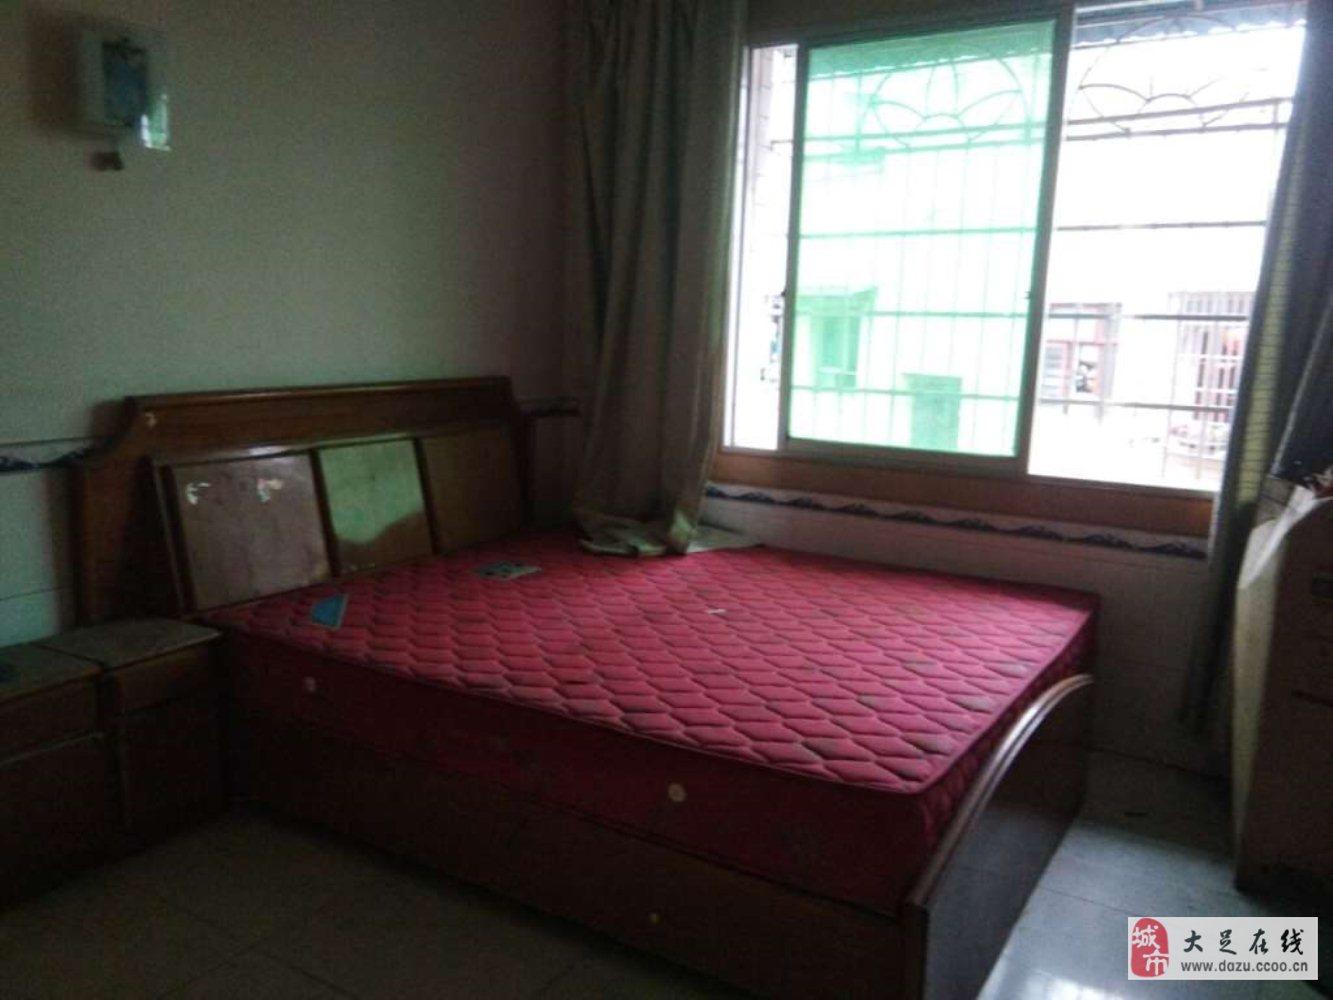 龙水镇南苑小区3室2厅1卫28万元